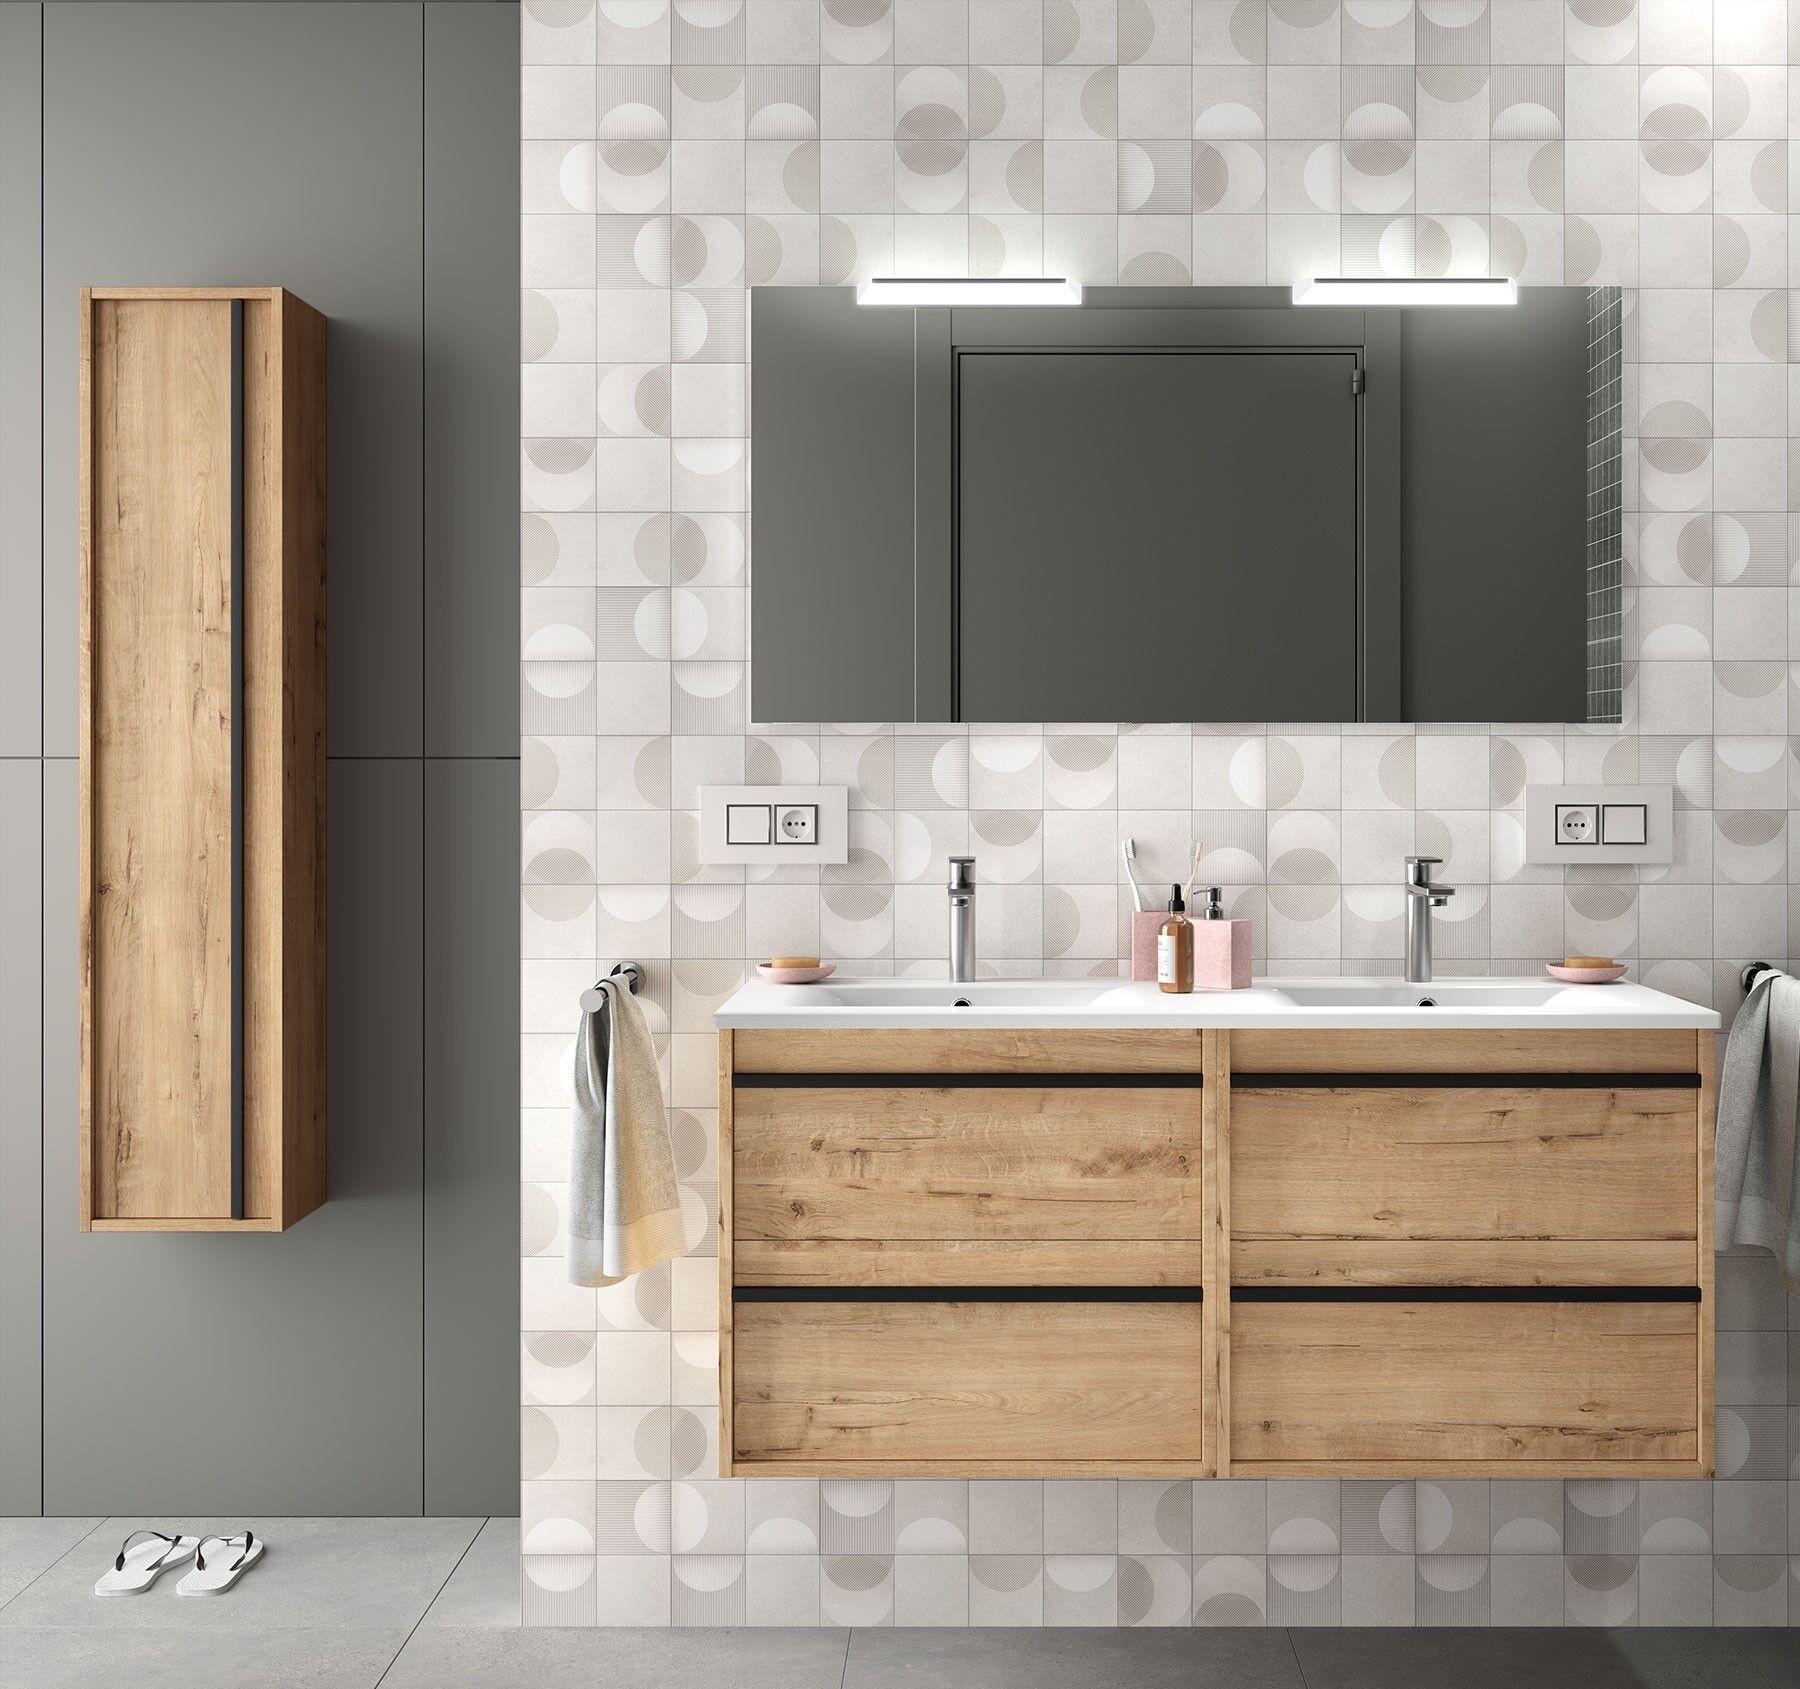 CAESAROO Meuble de salle de bain suspendu 120 cm en bois couleur chêne claire avec lavabo en porcelaine   Standard - 120 cm